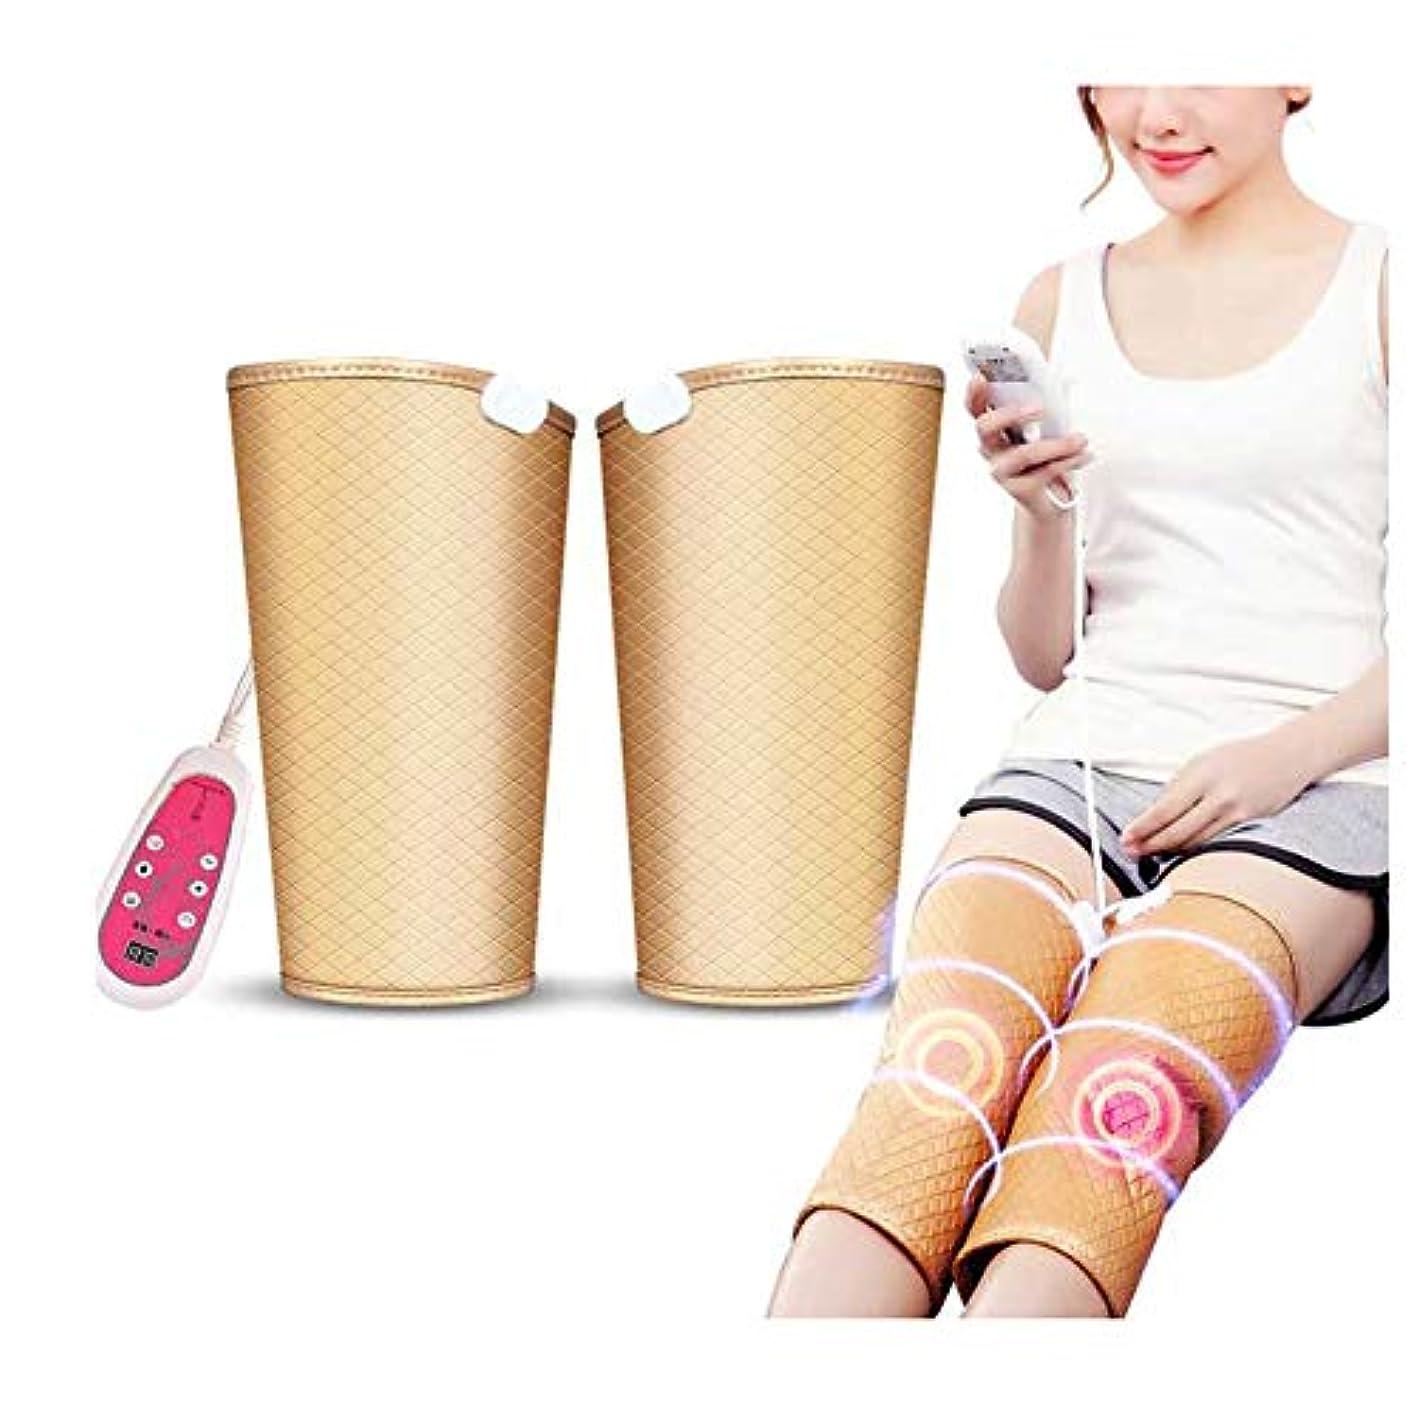 酒インセンティブカード暖房膝サポート9マッサージモードと膝のけがのための5つの速度でラップ膝温めラップパッド療法マッサージャー